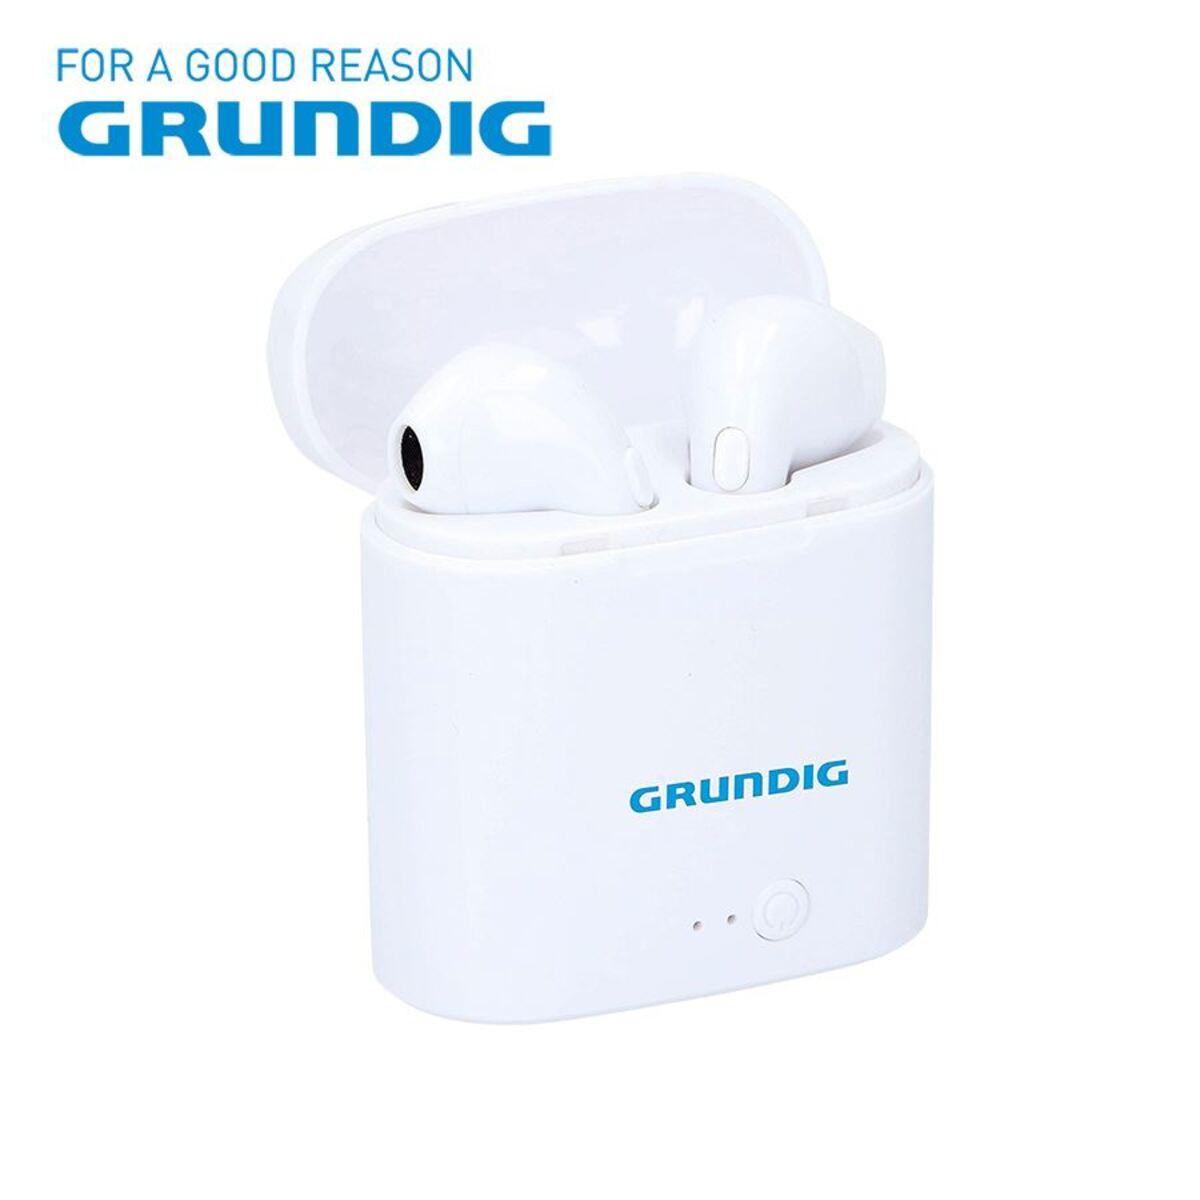 Bild 1 von Grundig True Wirelesse In-Ear-Kopfhörer